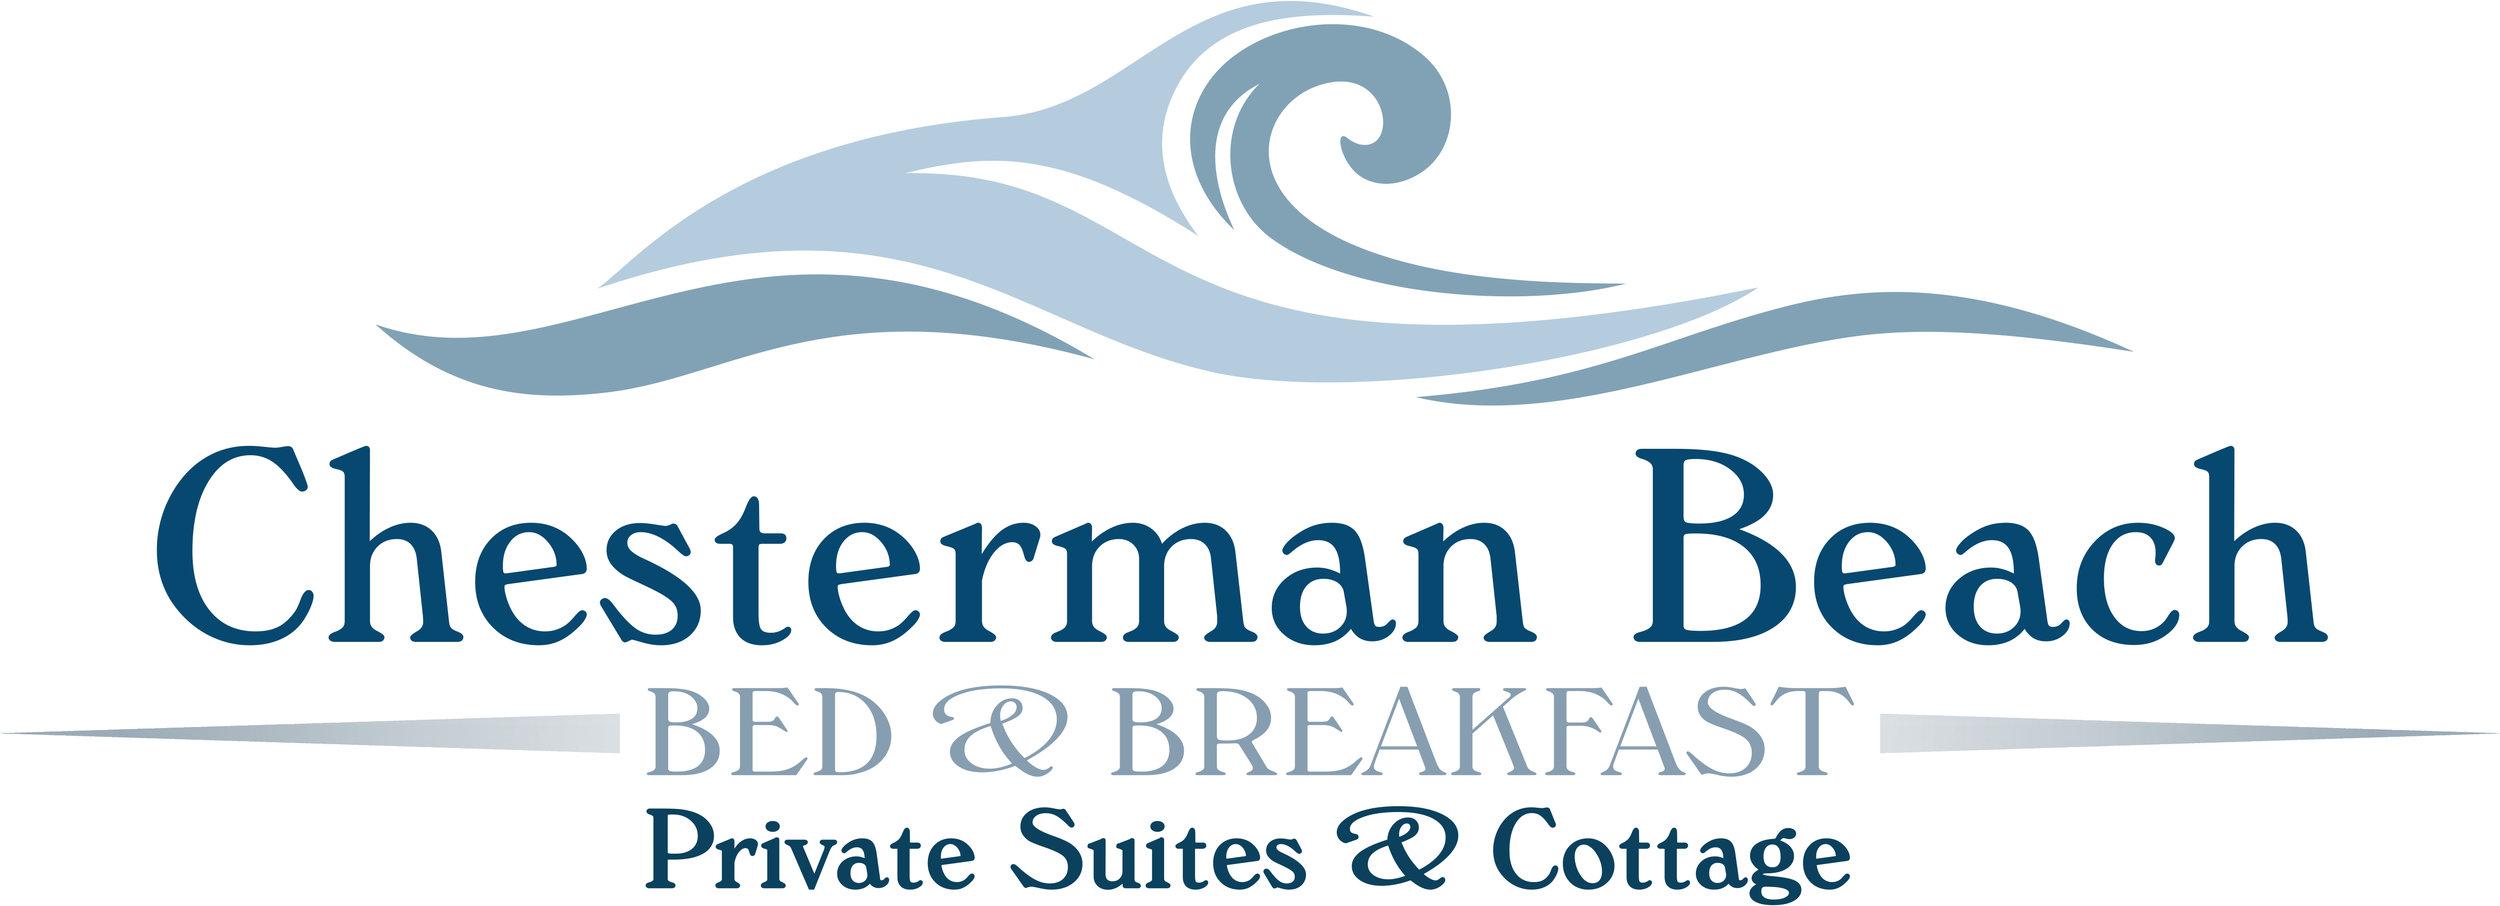 Cb logo 2012 hi res.jpg